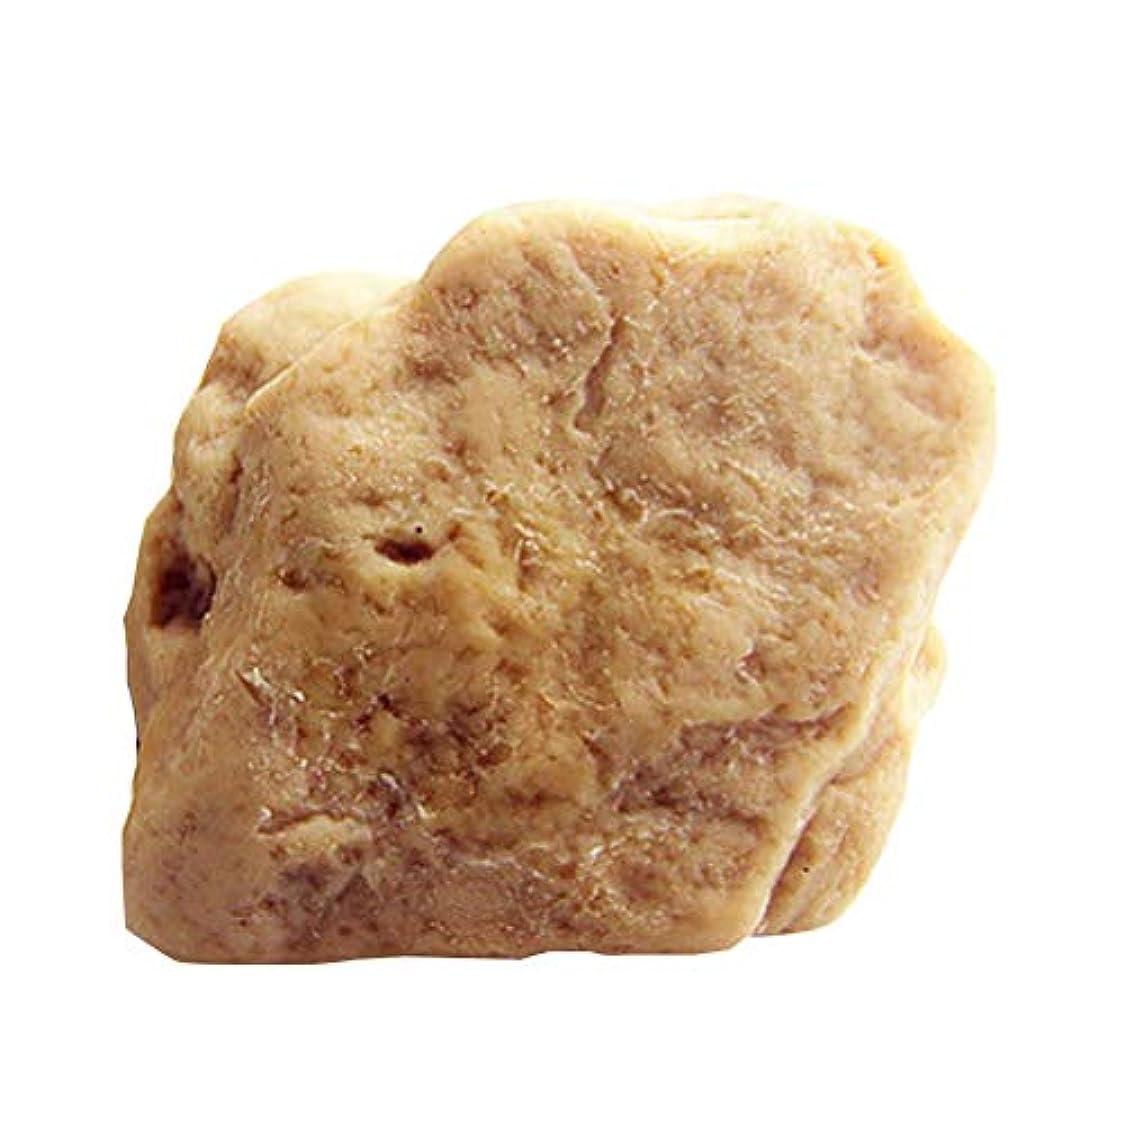 Creacom オリーブオイル 石鹸 肌に優しい無添加 毛穴 対策 洗顔石鹸 保湿 固形 毛穴 黒ずみ 肌荒れ くすみ ニキビ 美白 美肌 角質除去 肌荒れ 乾燥肌 オイル肌 混合肌 対策 全身可能